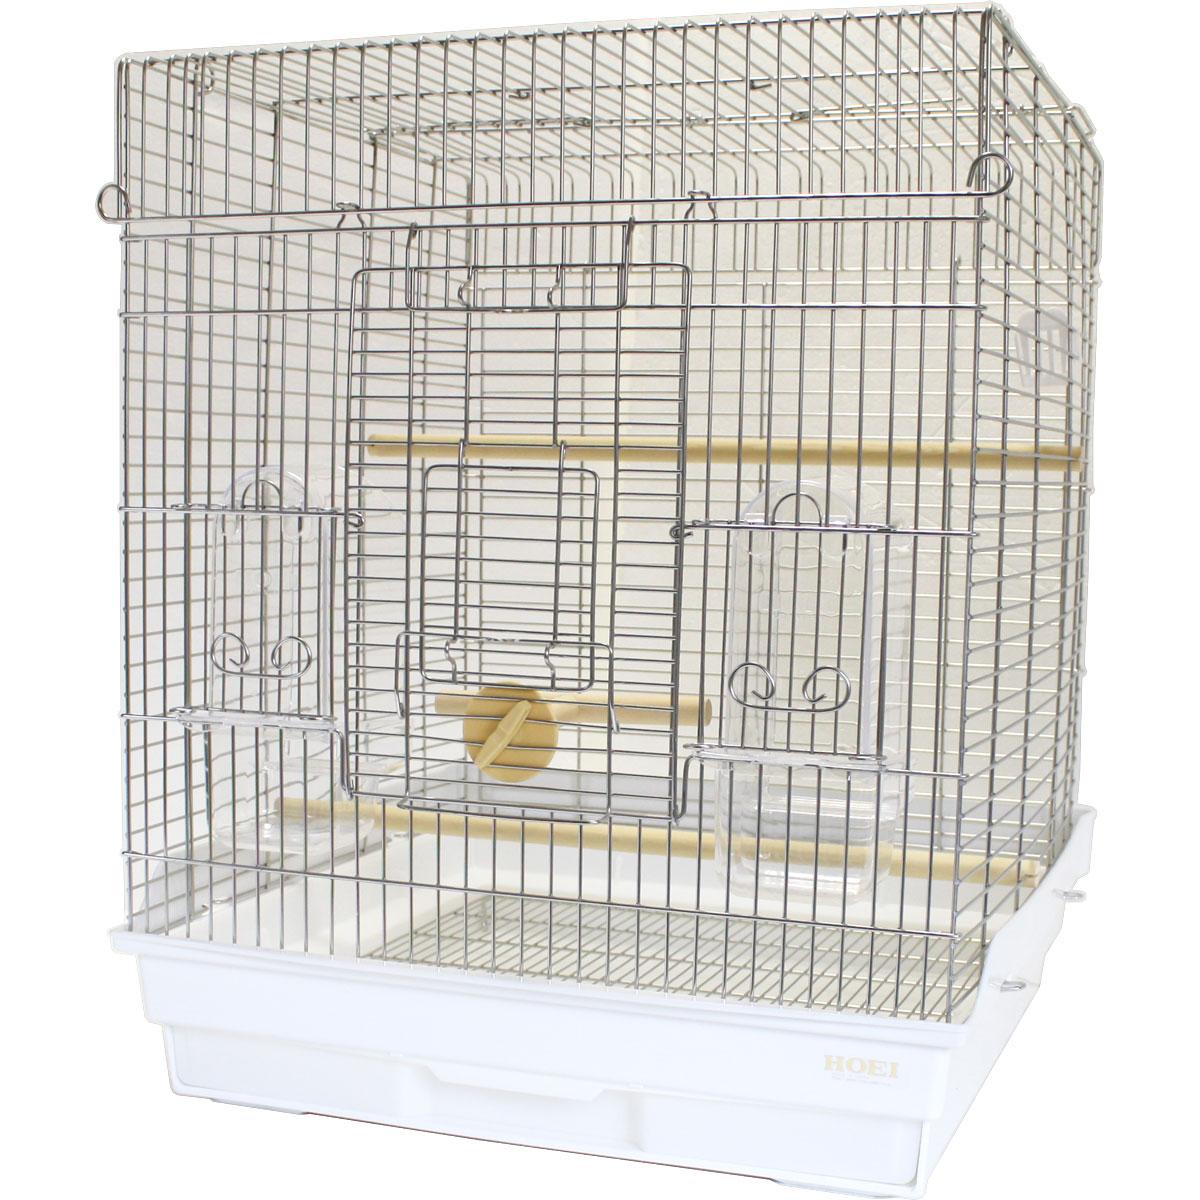 HOEI / 465 オカメ ステンレス / 9997098( 20% OFF 45,360円 → 36,288円 ) / (BIRDMORE バードモア ステンレス 鳥かご ケージ とりかご ゲージ 手乗り てのり )